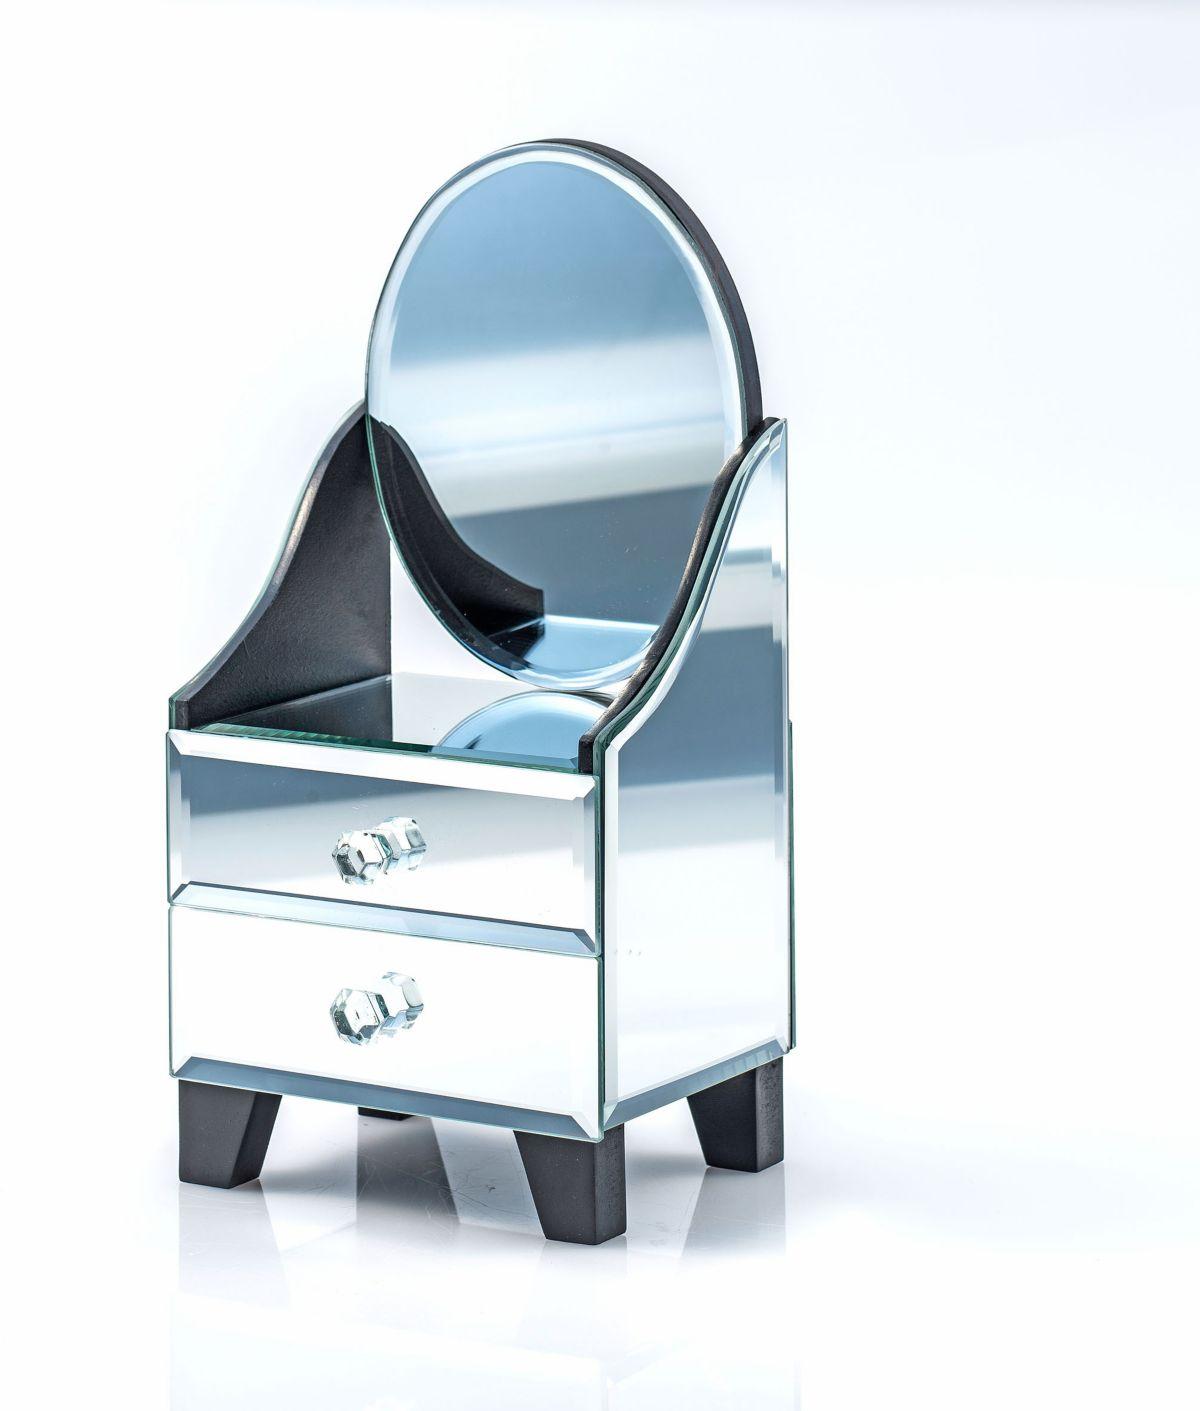 schmuckschrank billig kaufen. Black Bedroom Furniture Sets. Home Design Ideas